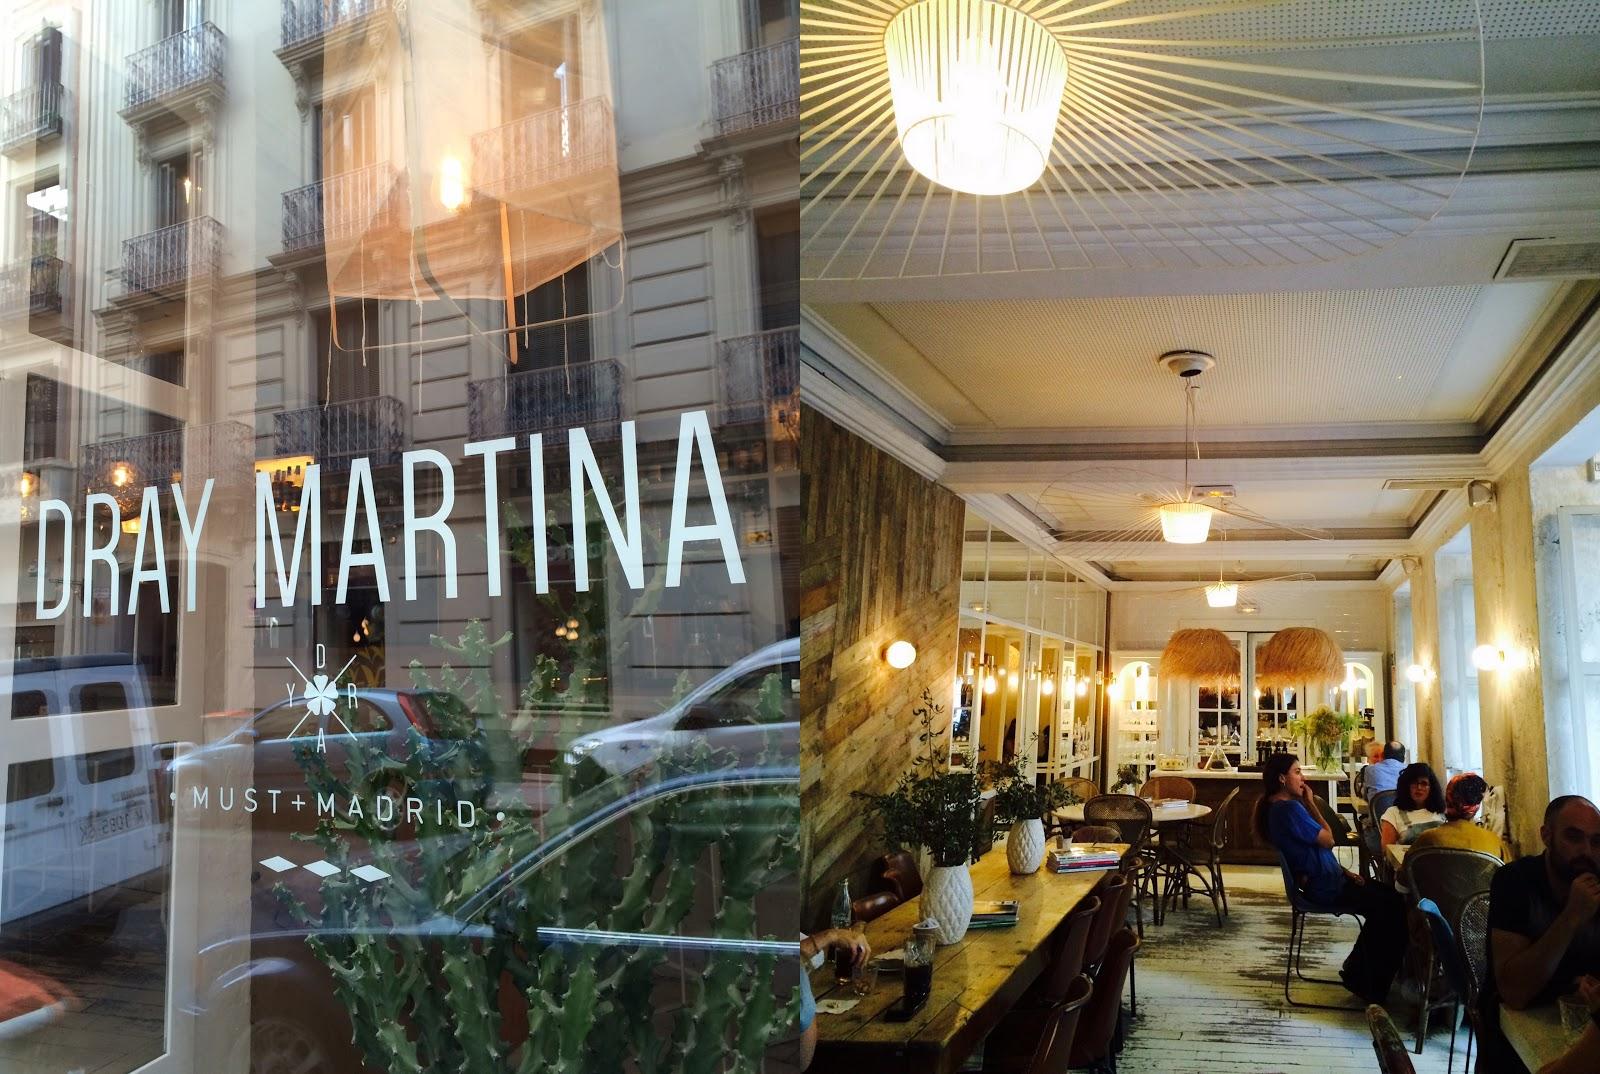 Dray Martina Madrid - Hotspot